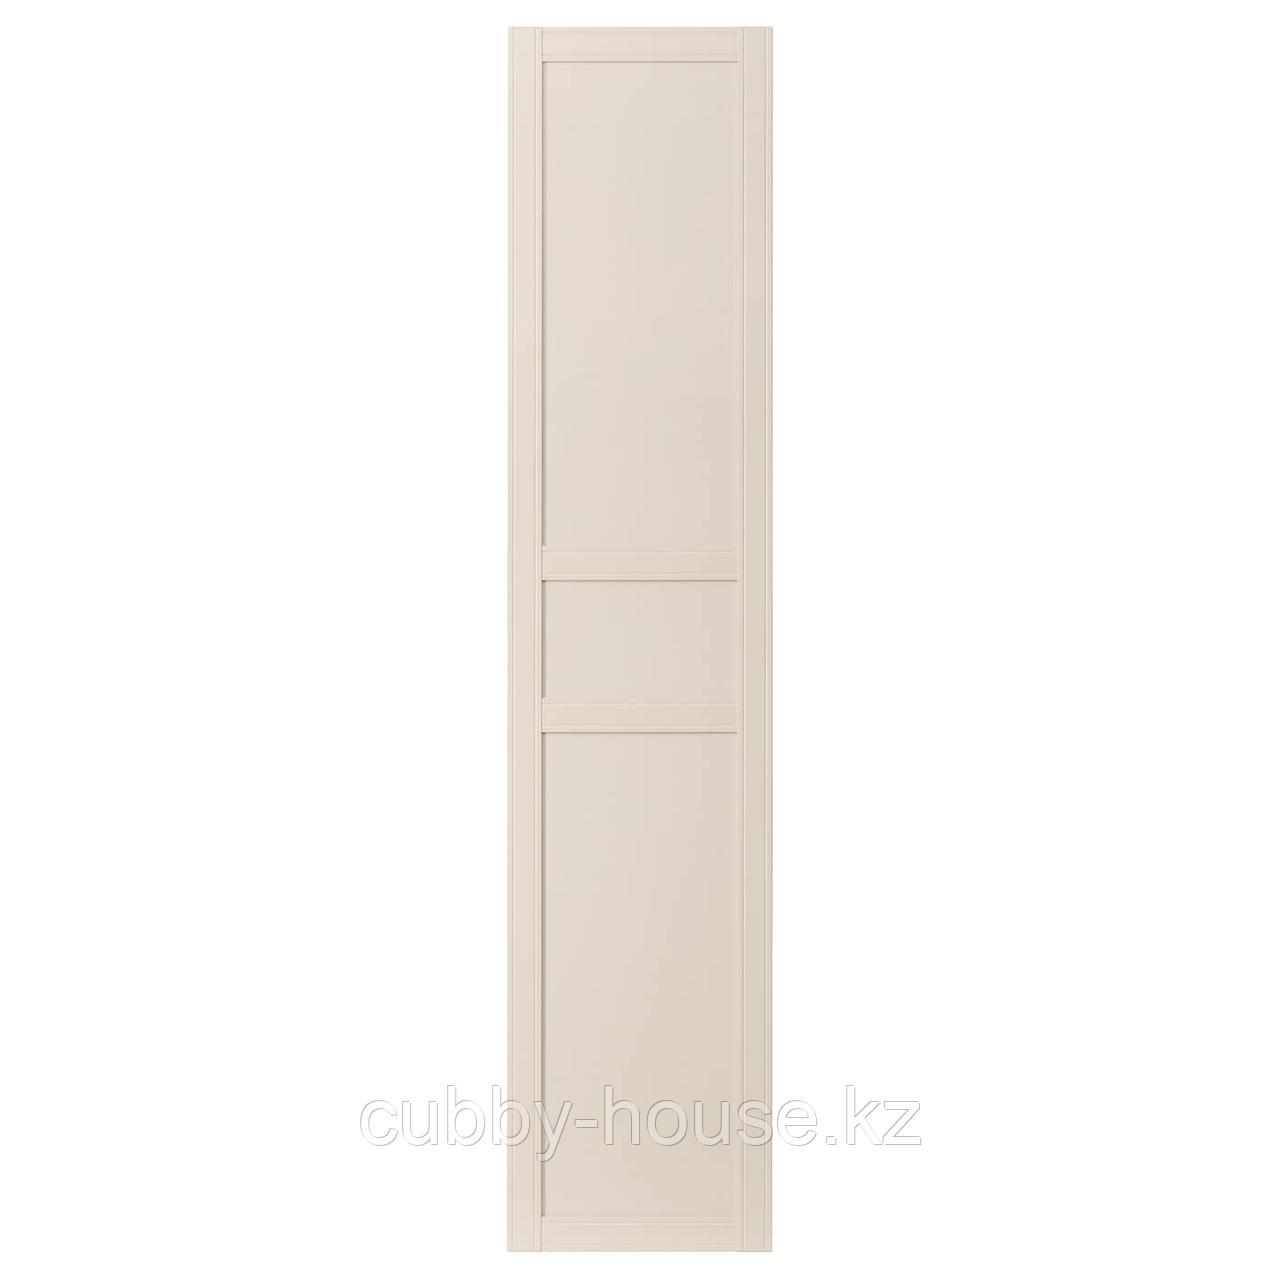 ФЛИСБЕРГЕТ Дверца с петлями, светло-бежевый, 50x229 см